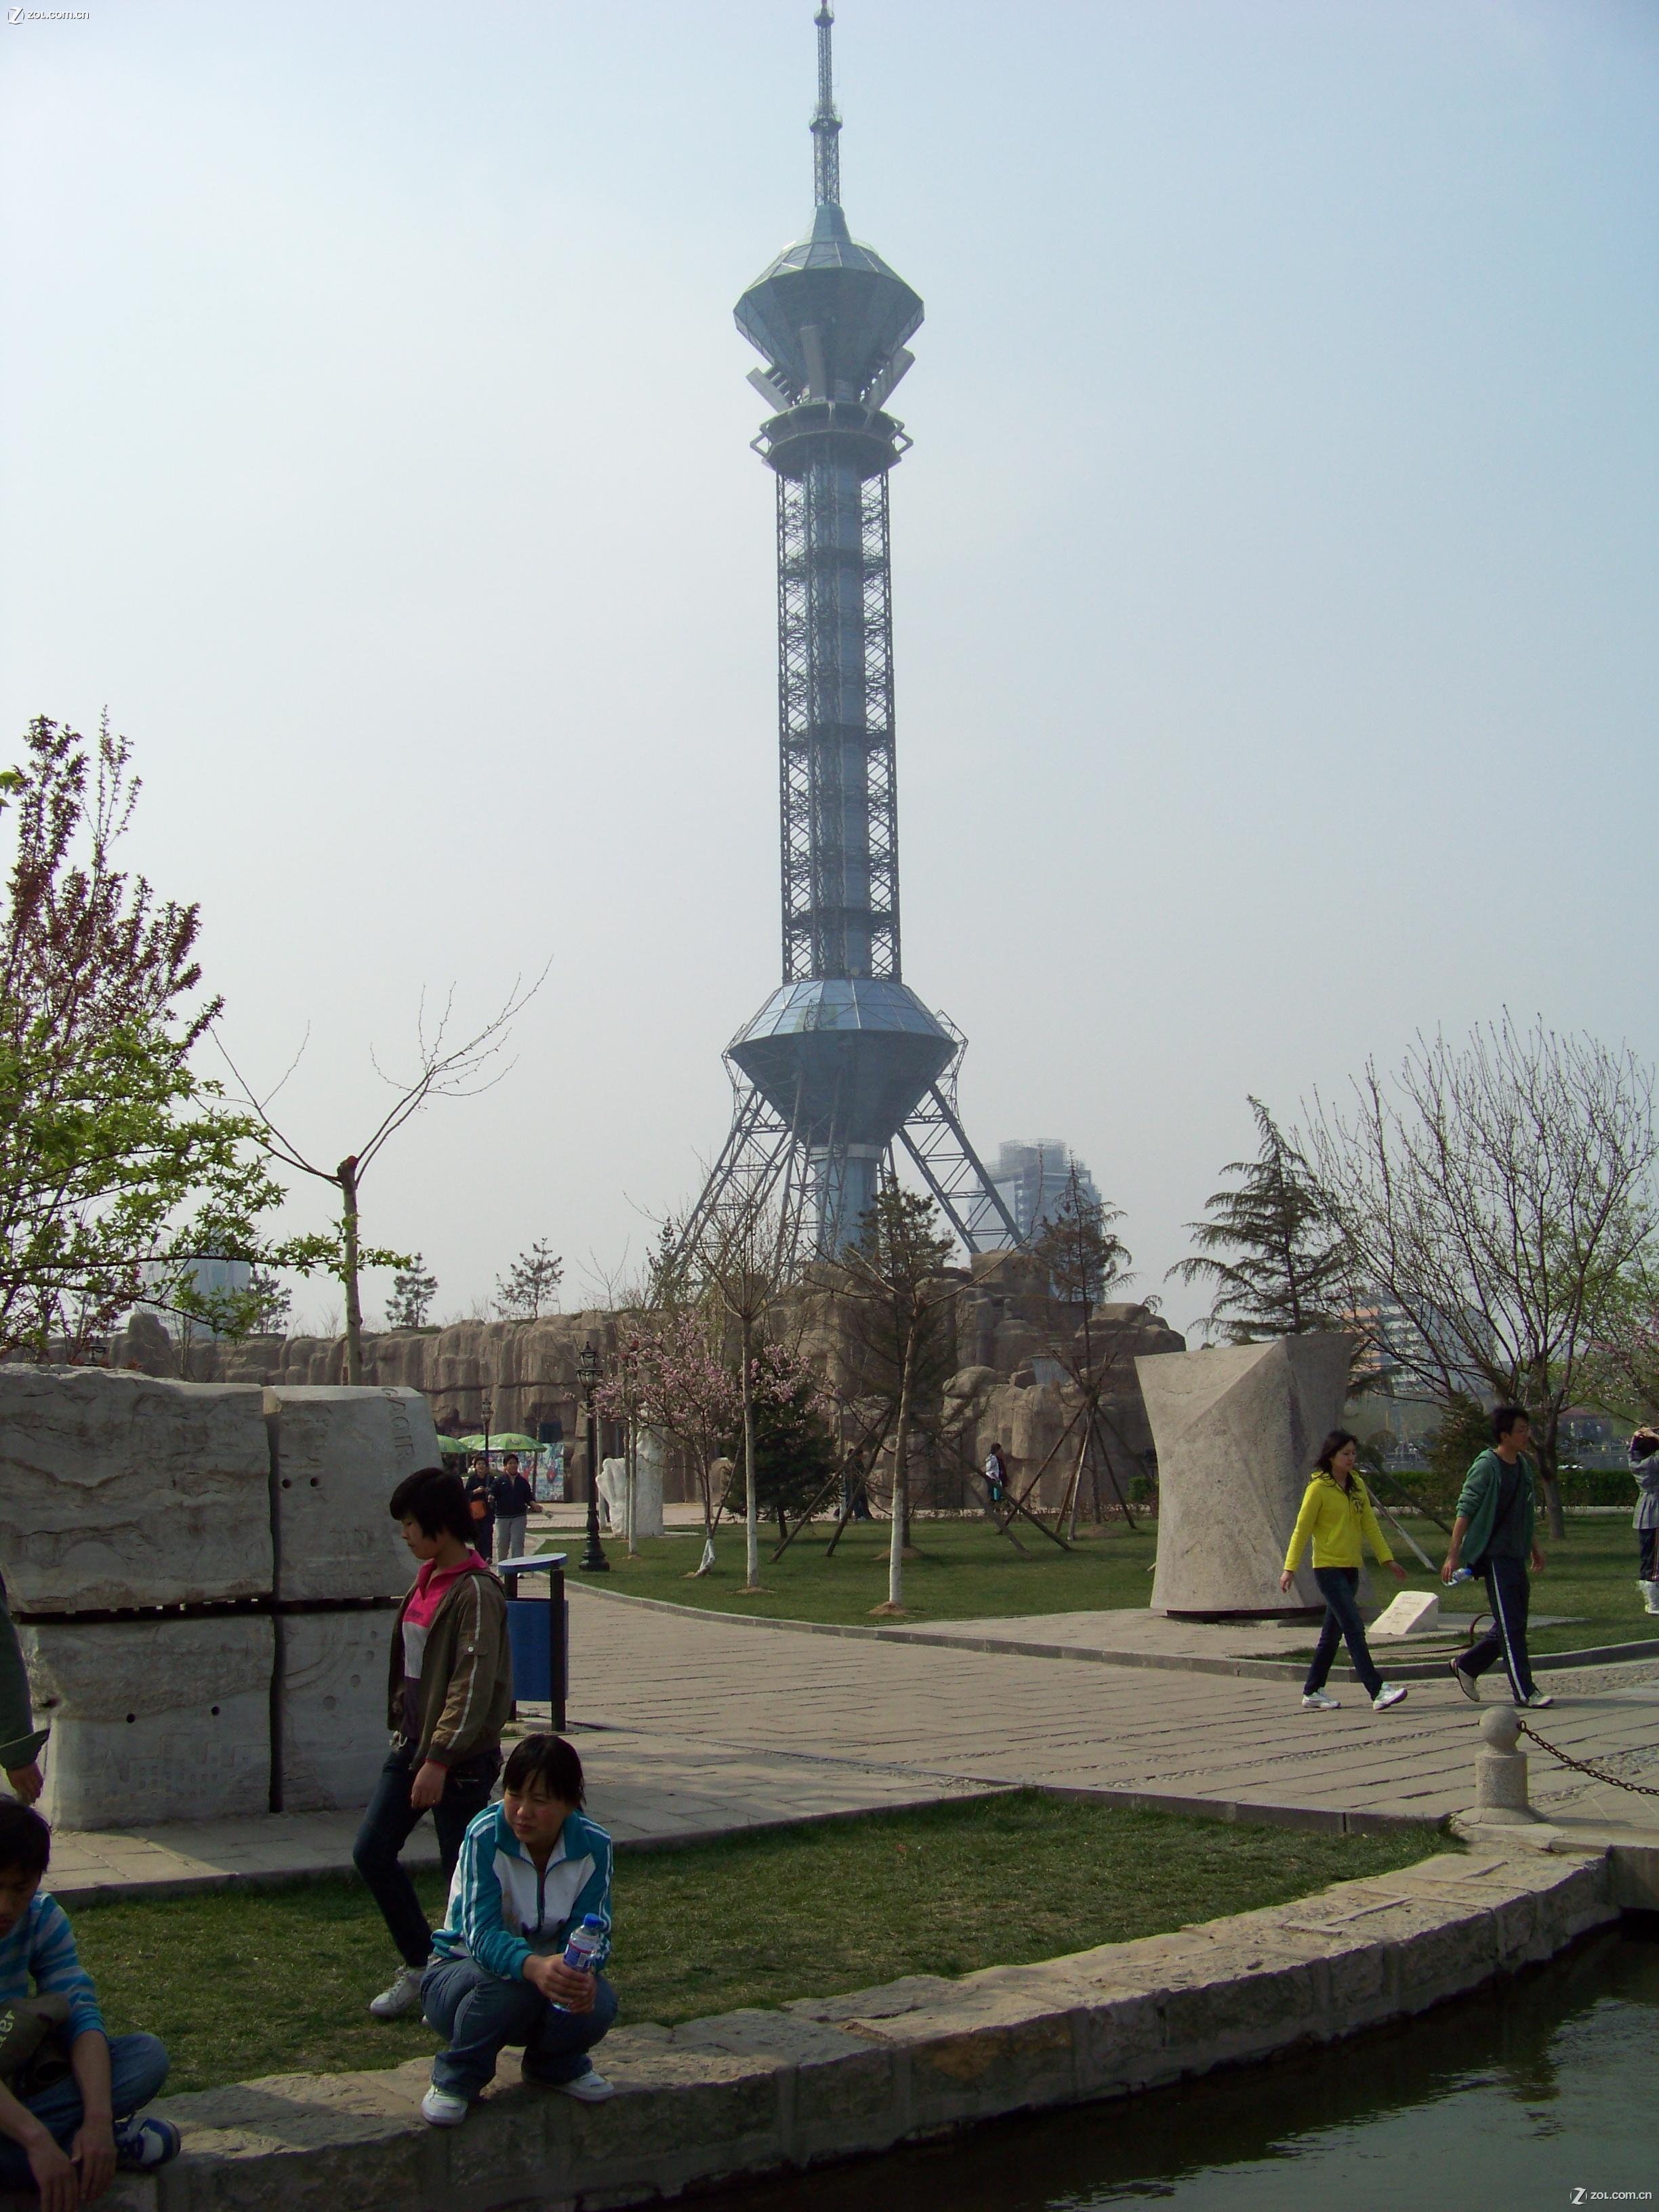 【电视发射塔】-自然风景论坛-zol中关村在线